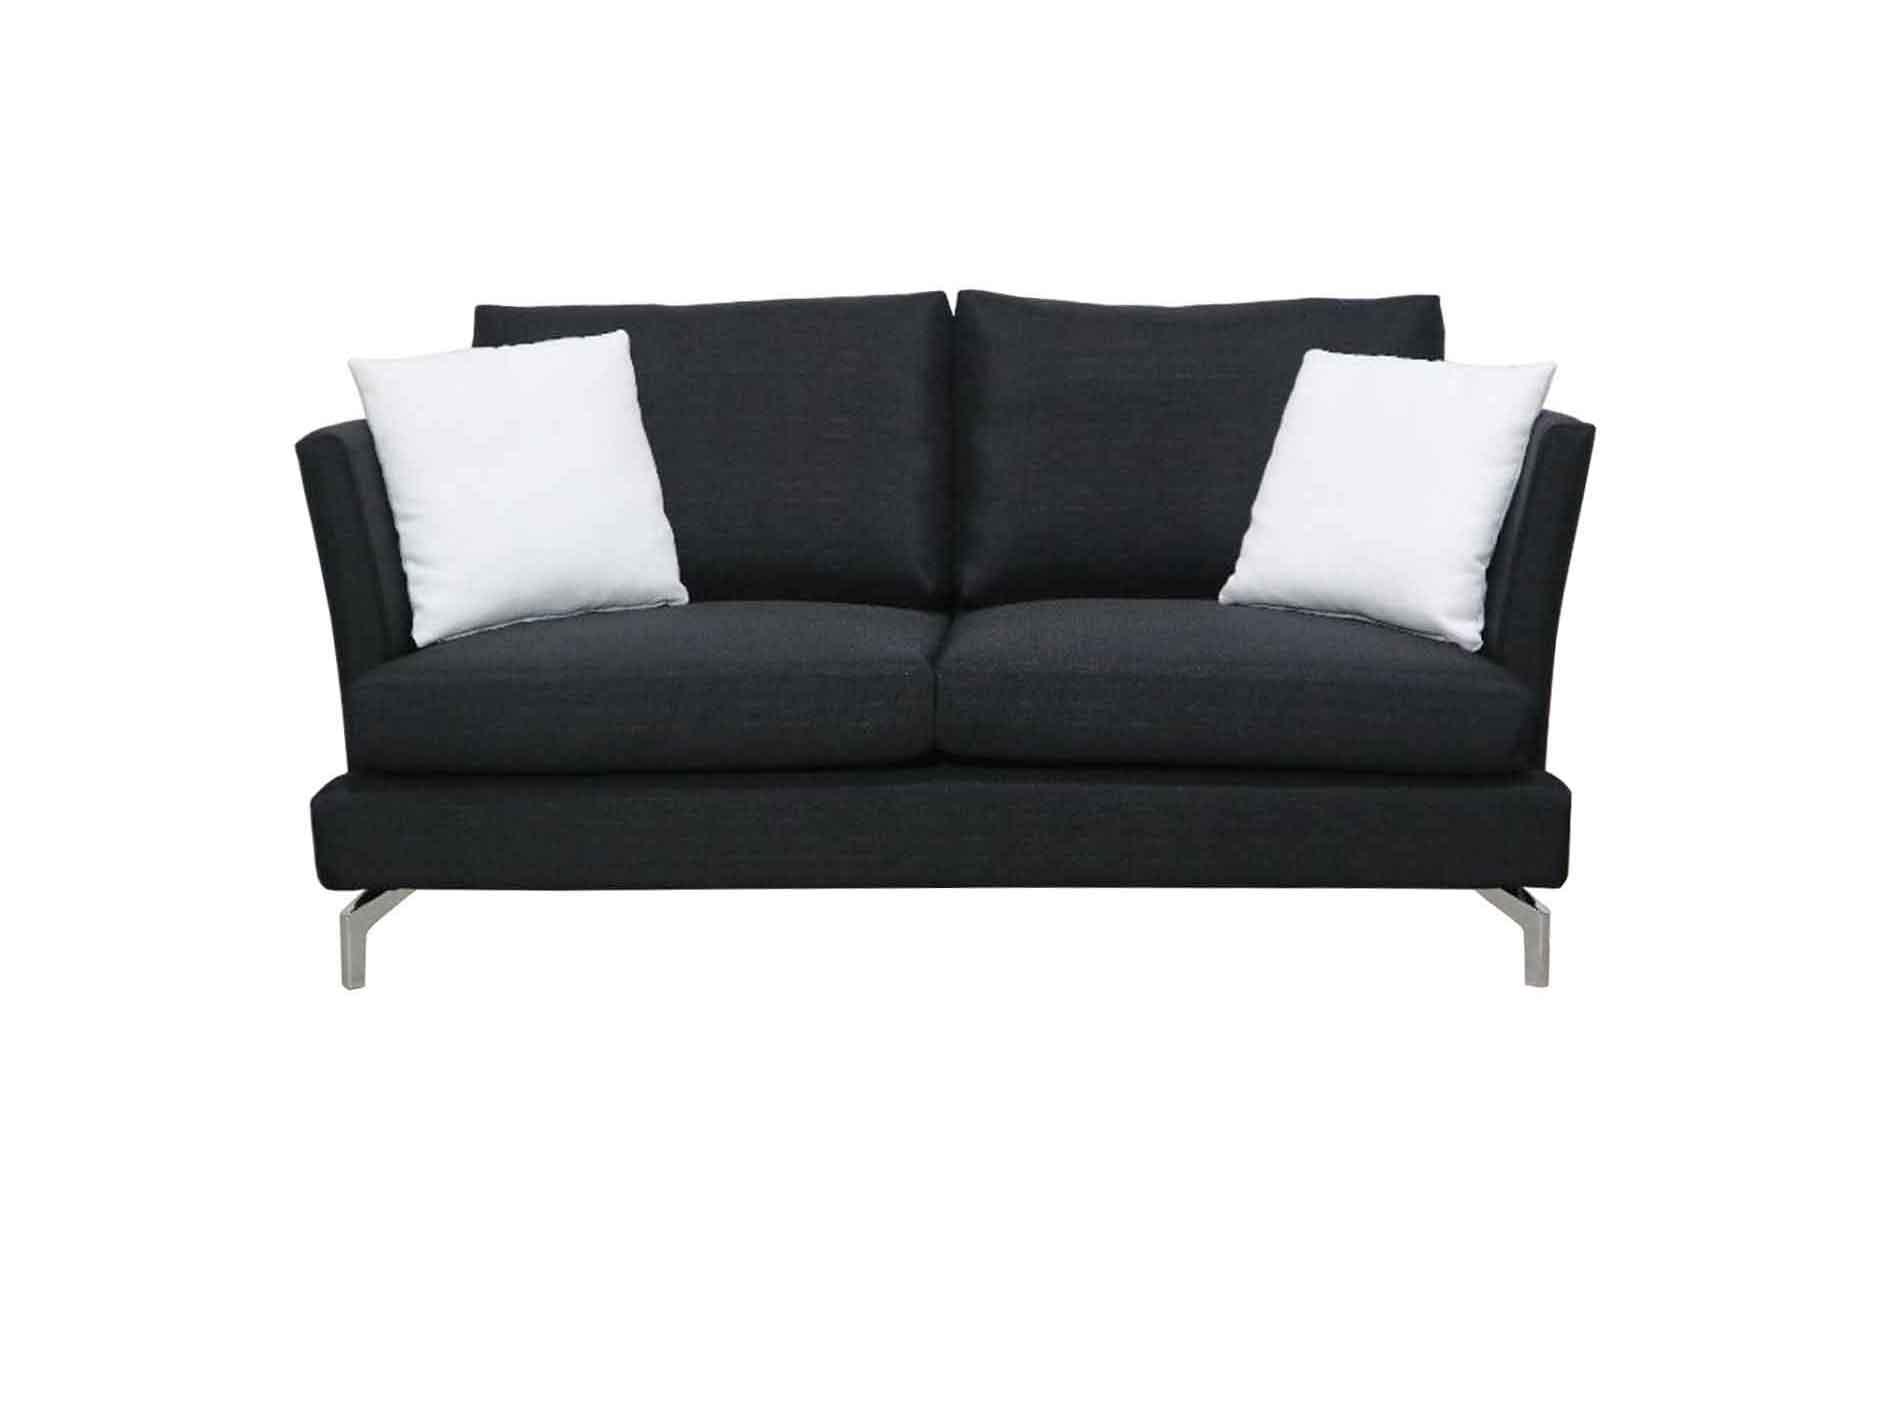 Valerio Designer Italian Fabric Sofa – Ventoso -2 Seater fabric sofa (1.87M)